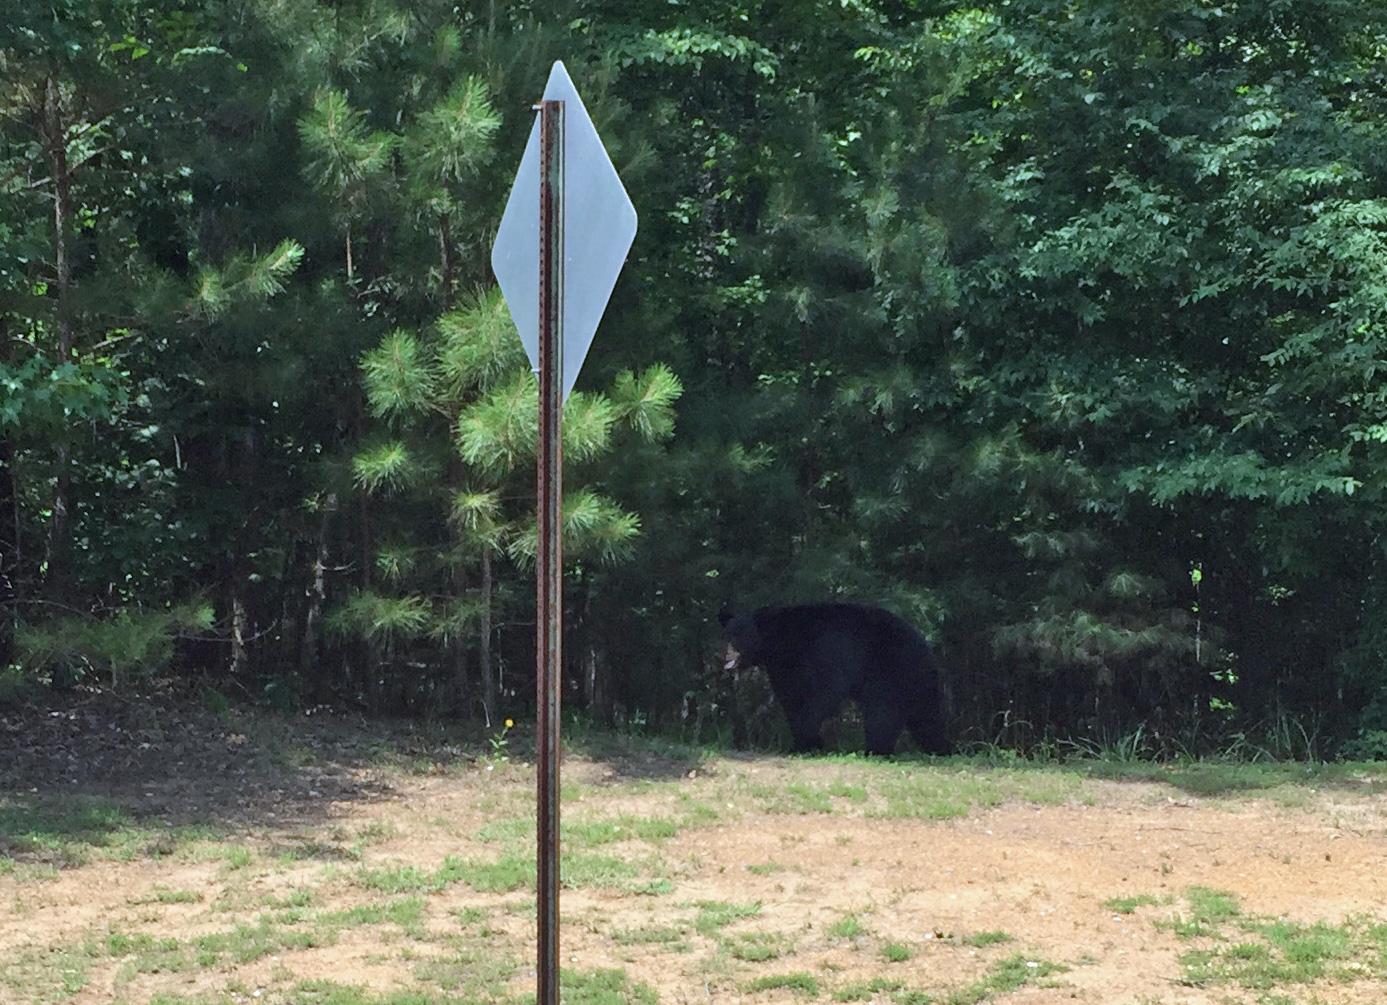 bear-in-ballantrae-pelham-neighborhood-alabama_177328